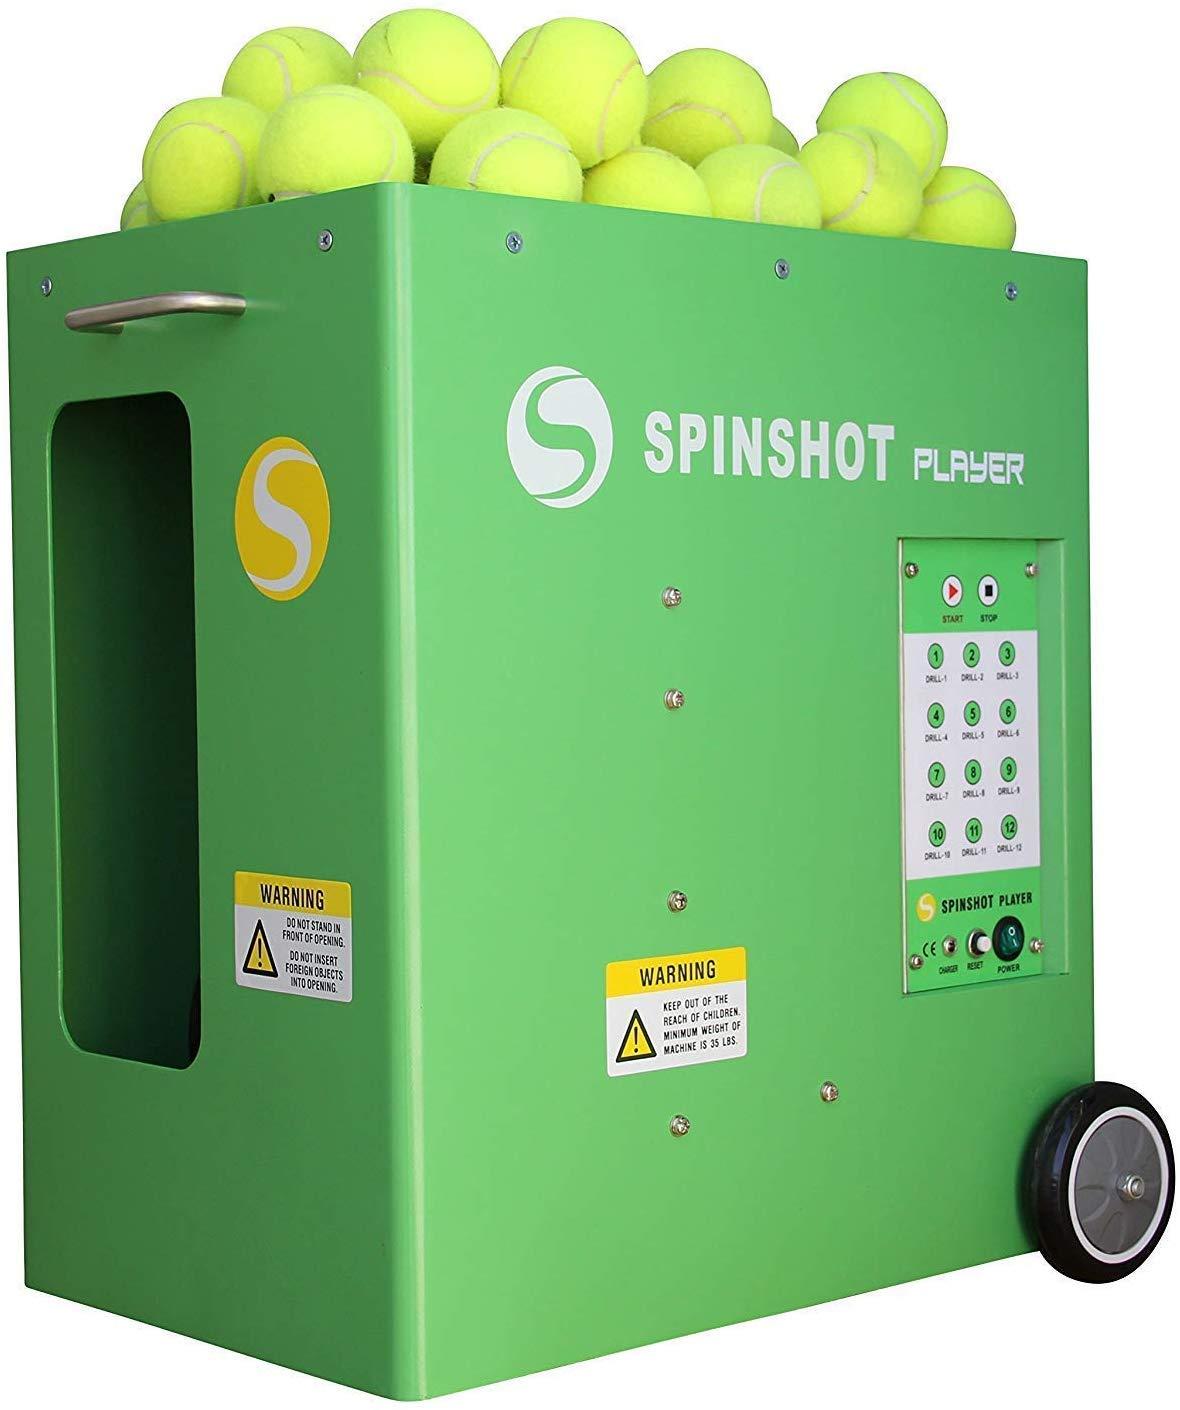 Spinshot Player Tennis Machine Remote Supported